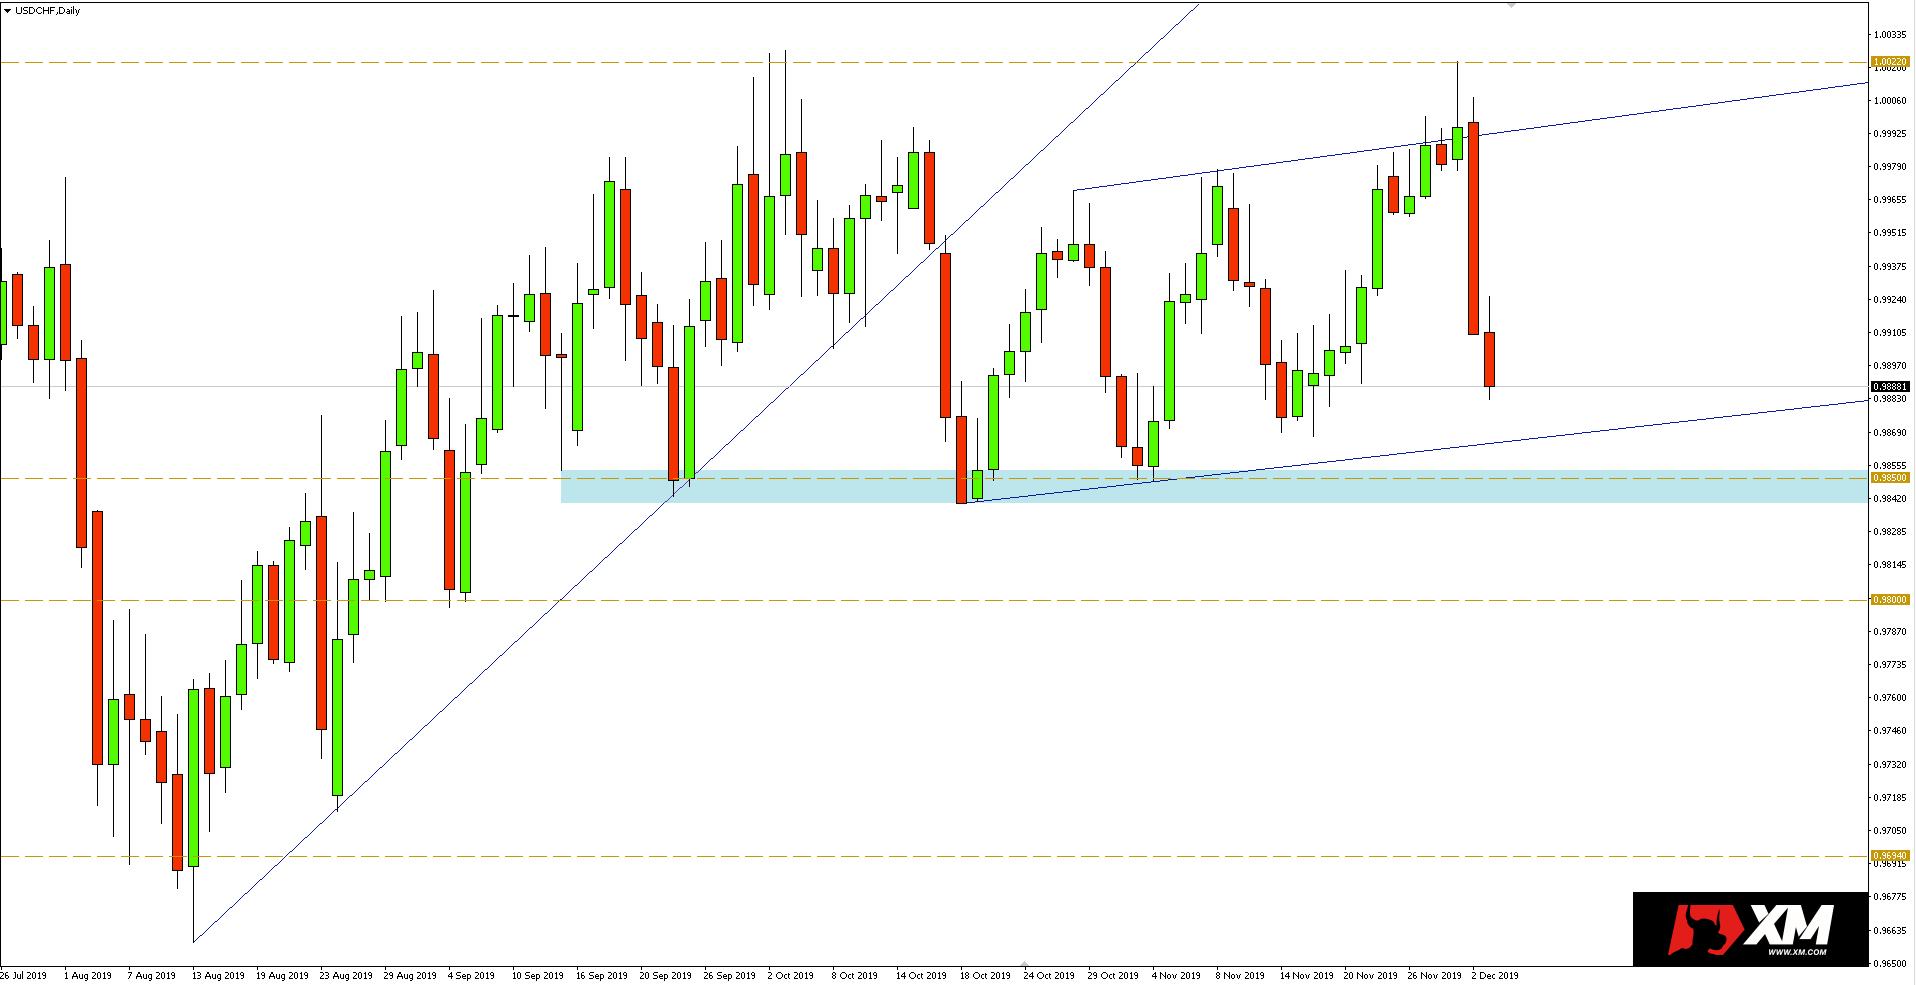 Wykres dzienny pary walutowej USDCHF - 03/12/2019